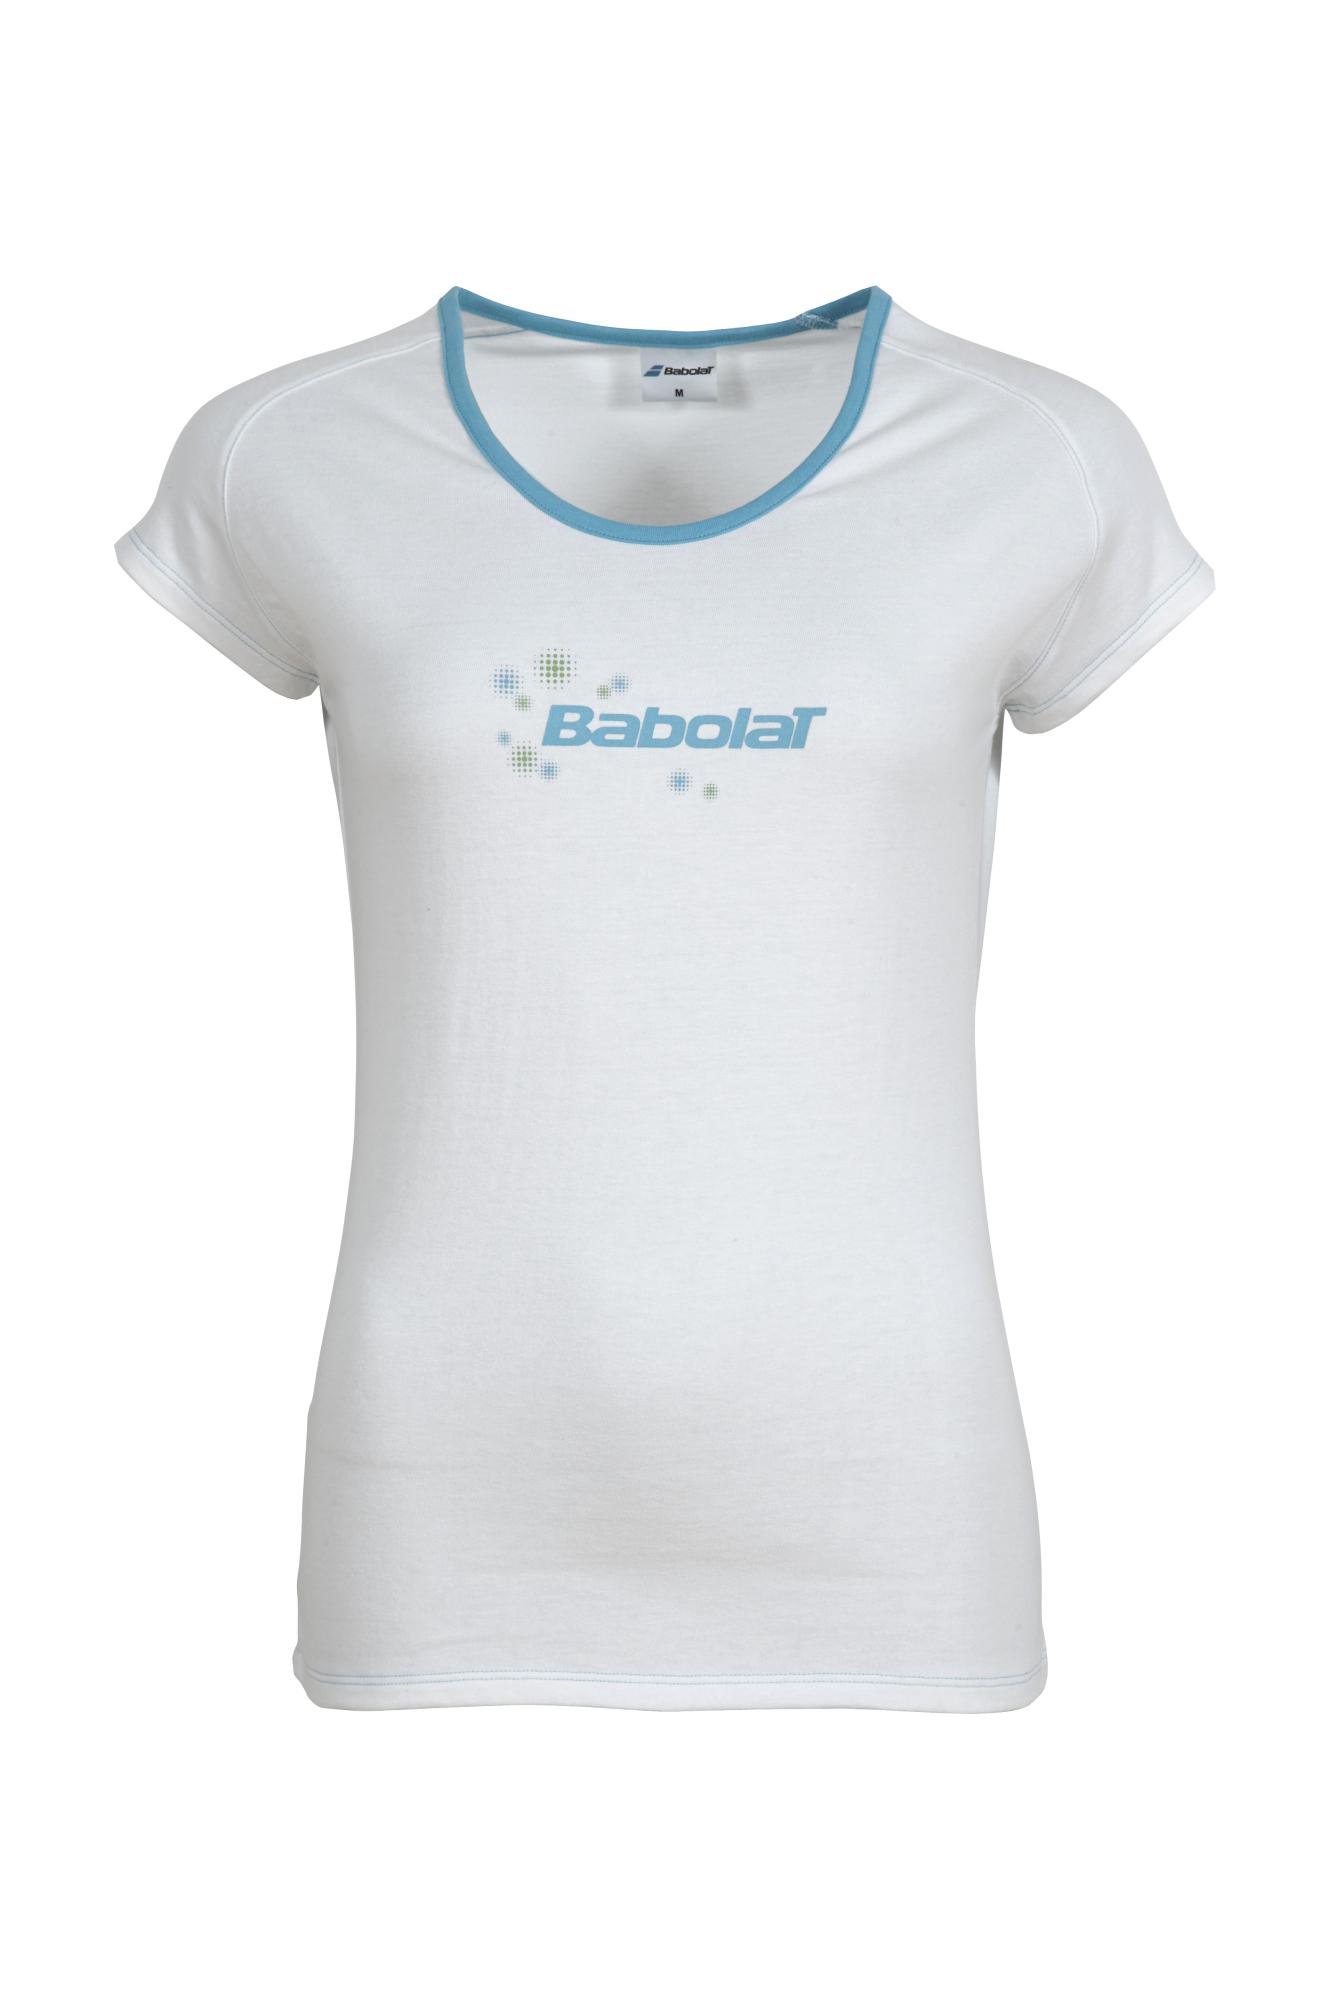 Babolat T-Shirt Women Training Basic White 2015 S